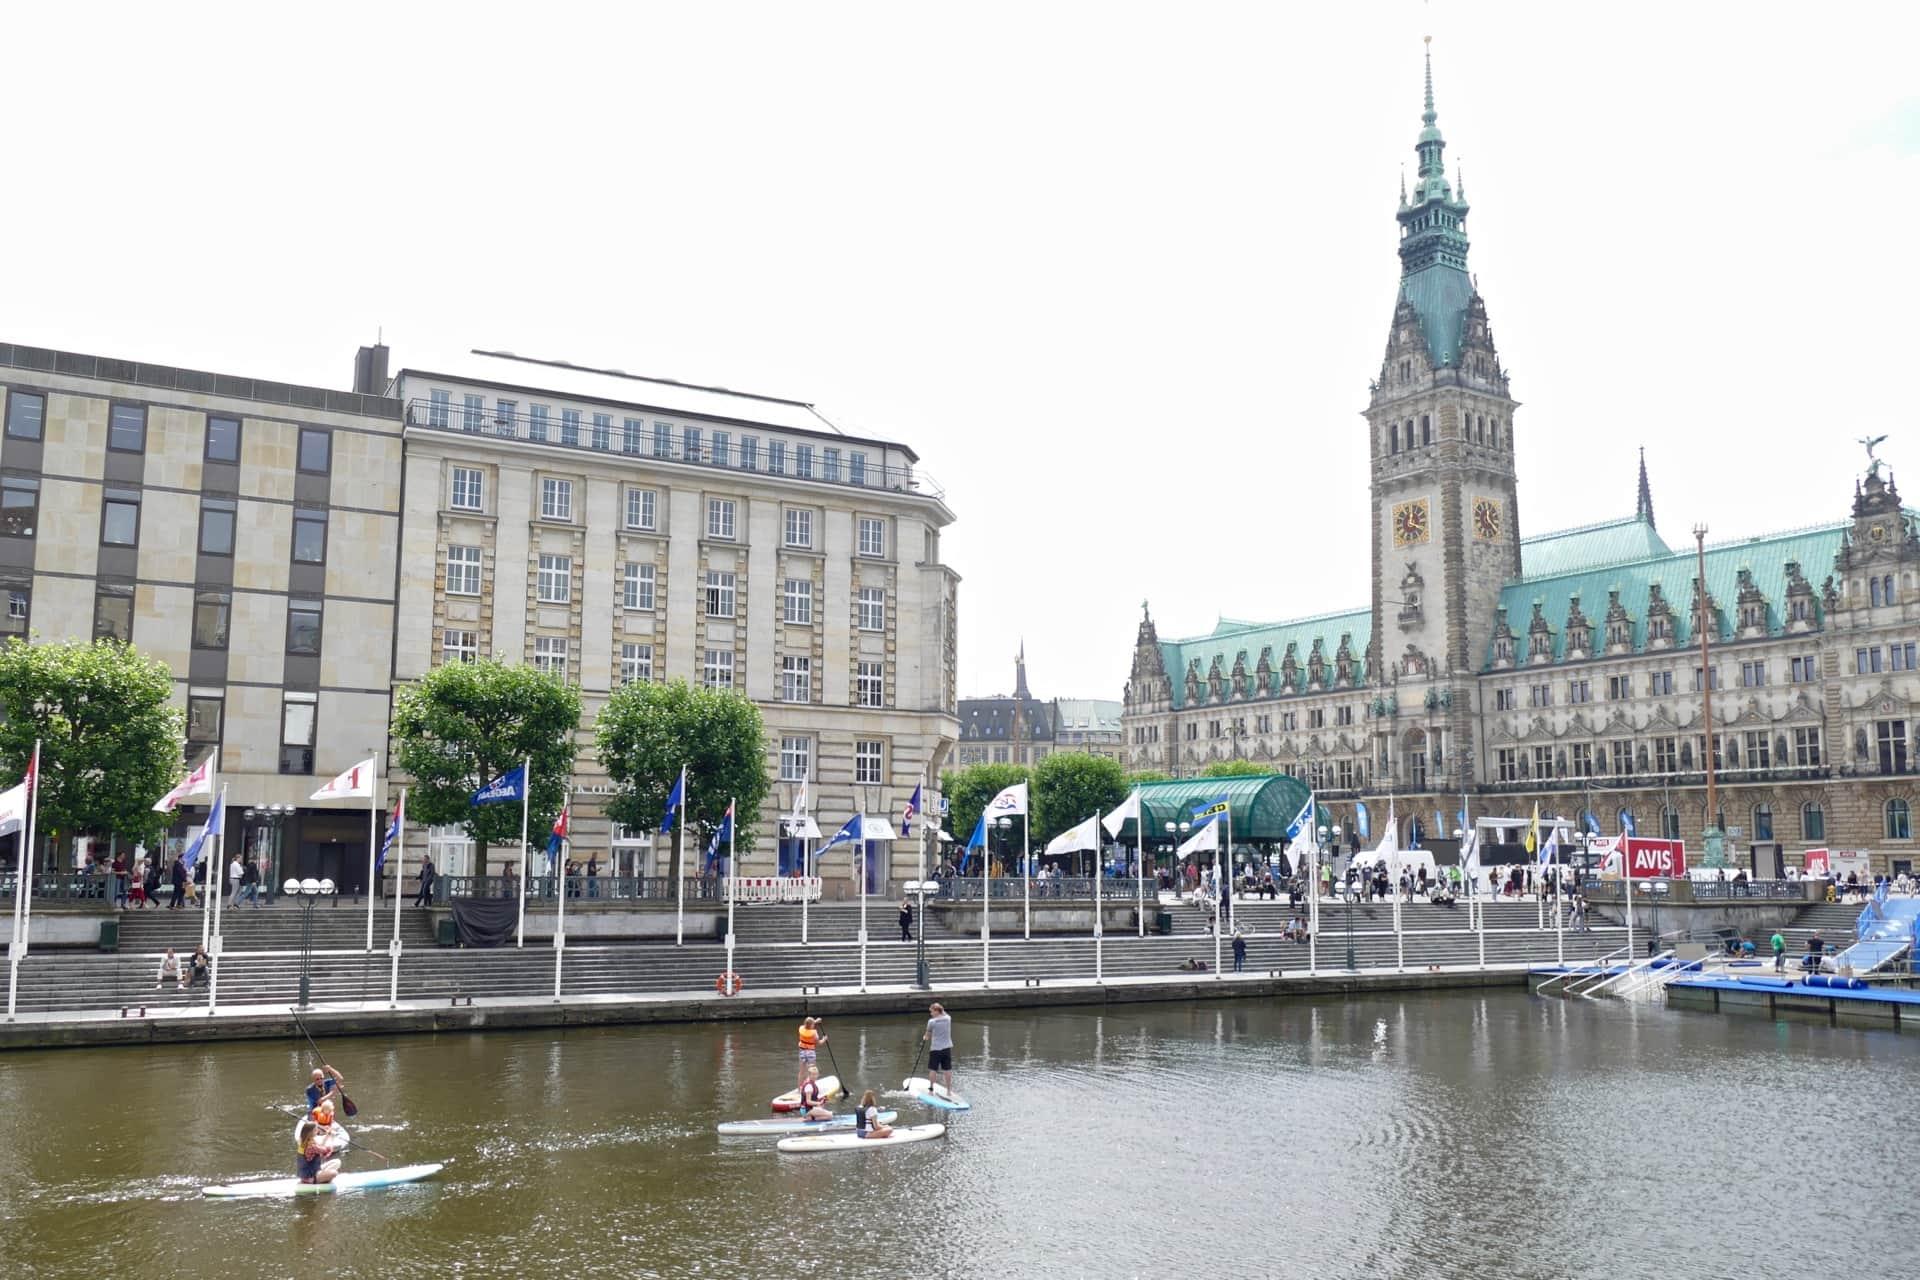 Alsterlake Hamburg